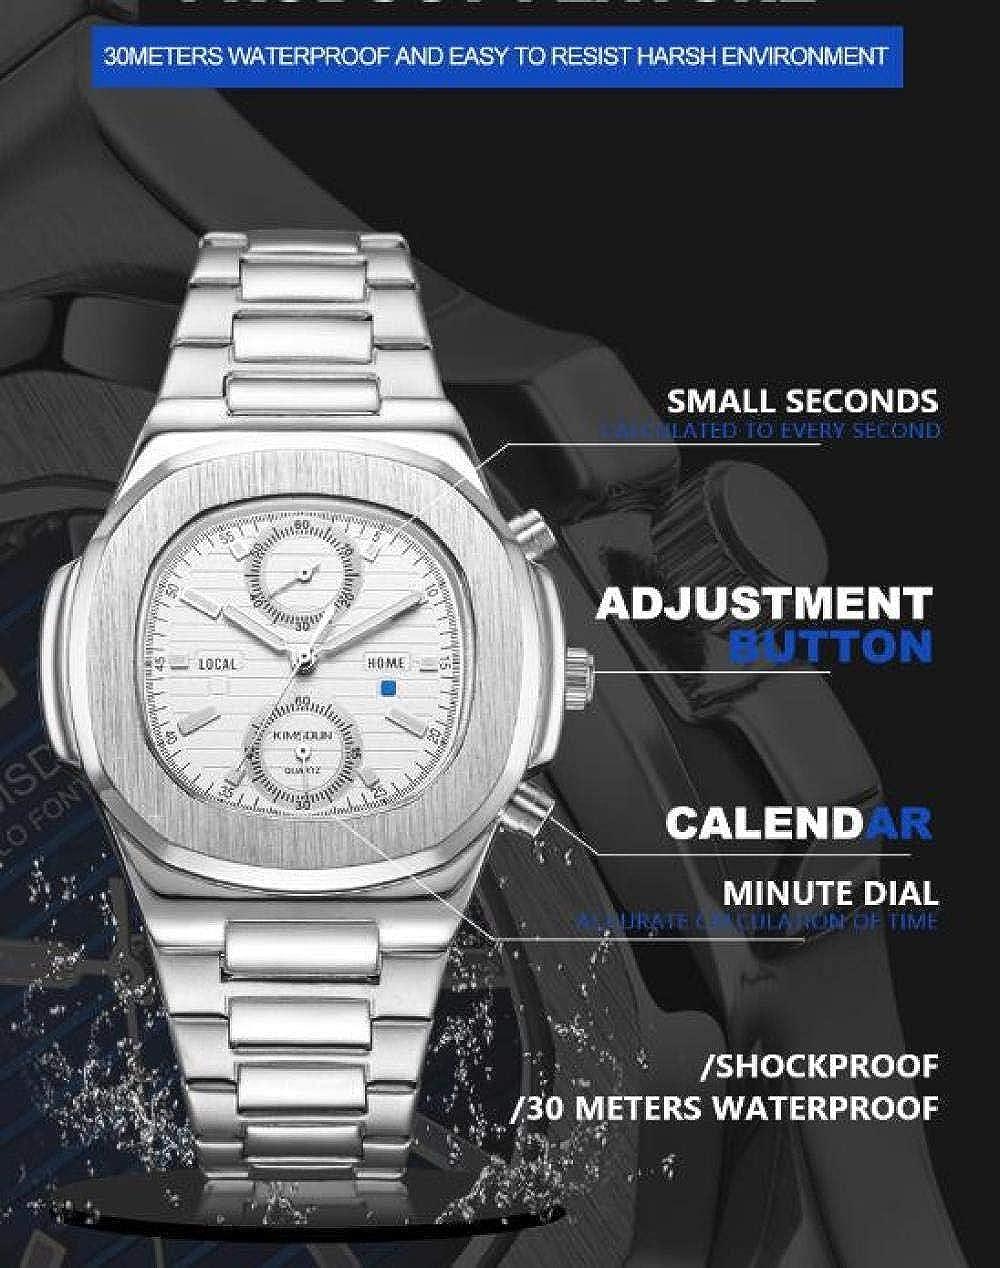 Orologi Da Polso,Orologio Al Quarzo Impermeabile Sportivo Cronografo Con Cinturino In Acciaio Inossidabile Black Shell Blue Surface